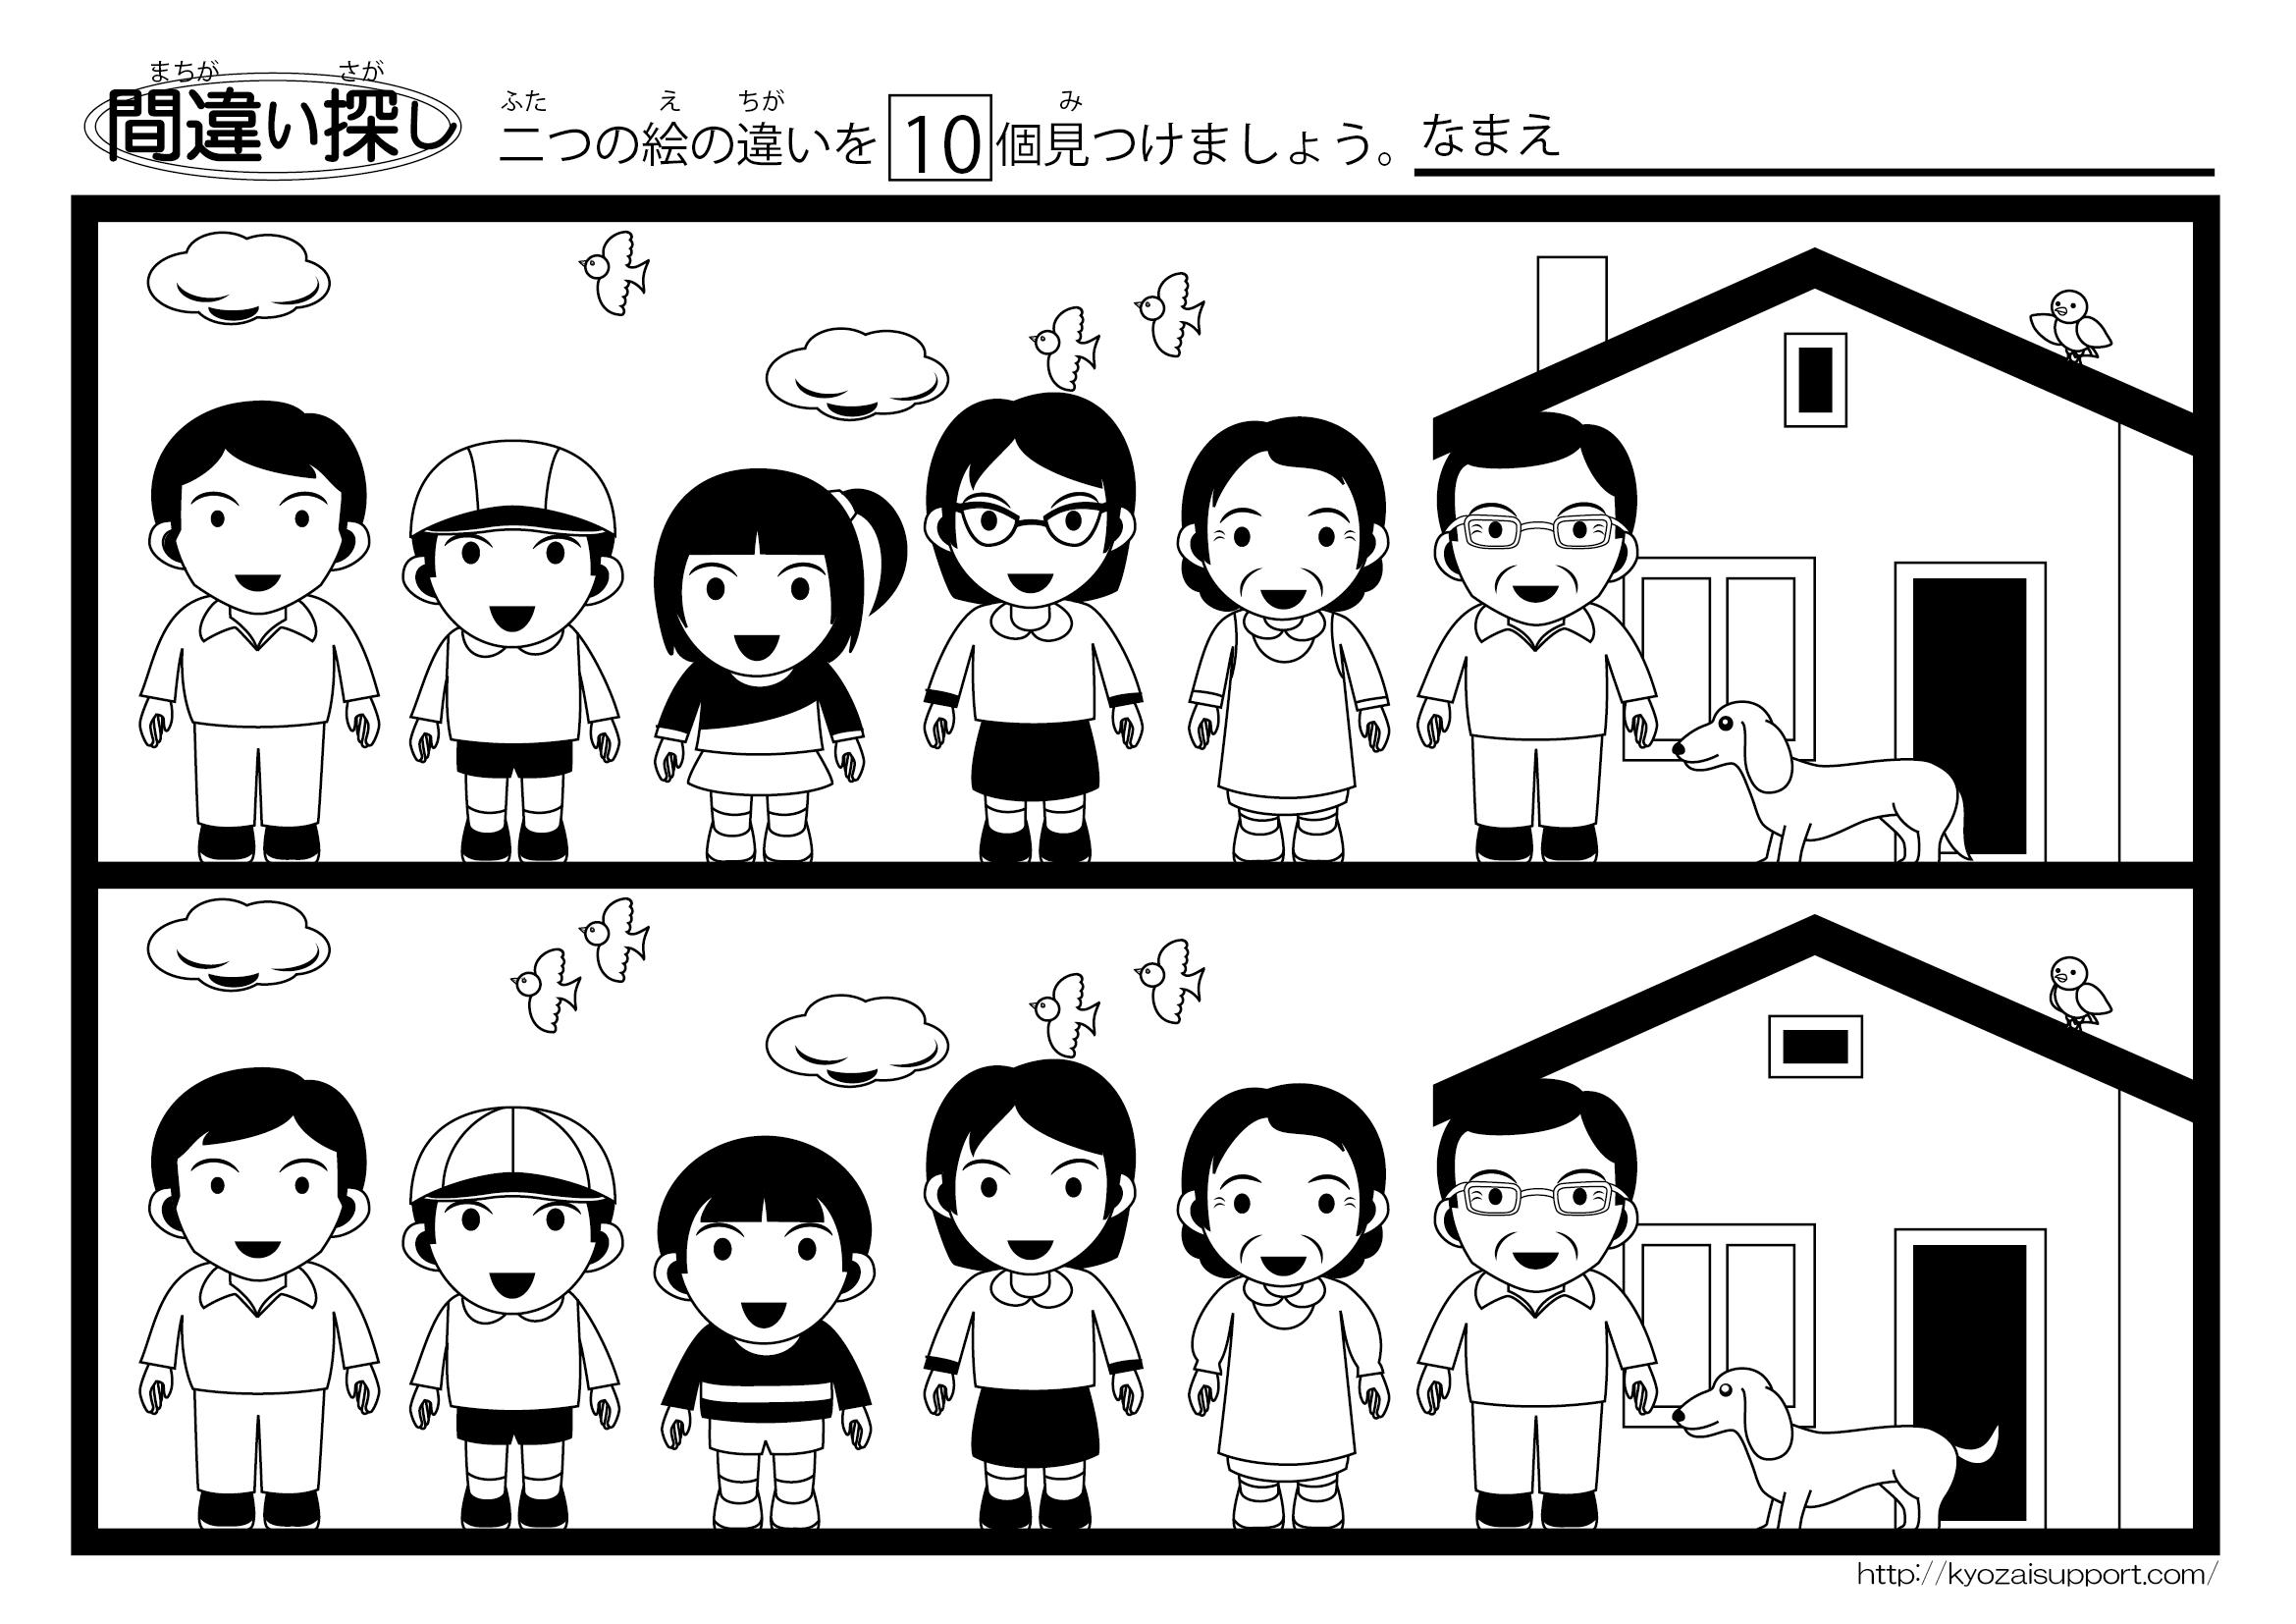 幼児教育・特別支援教育間違い ... : 幼児教育 プリント : プリント